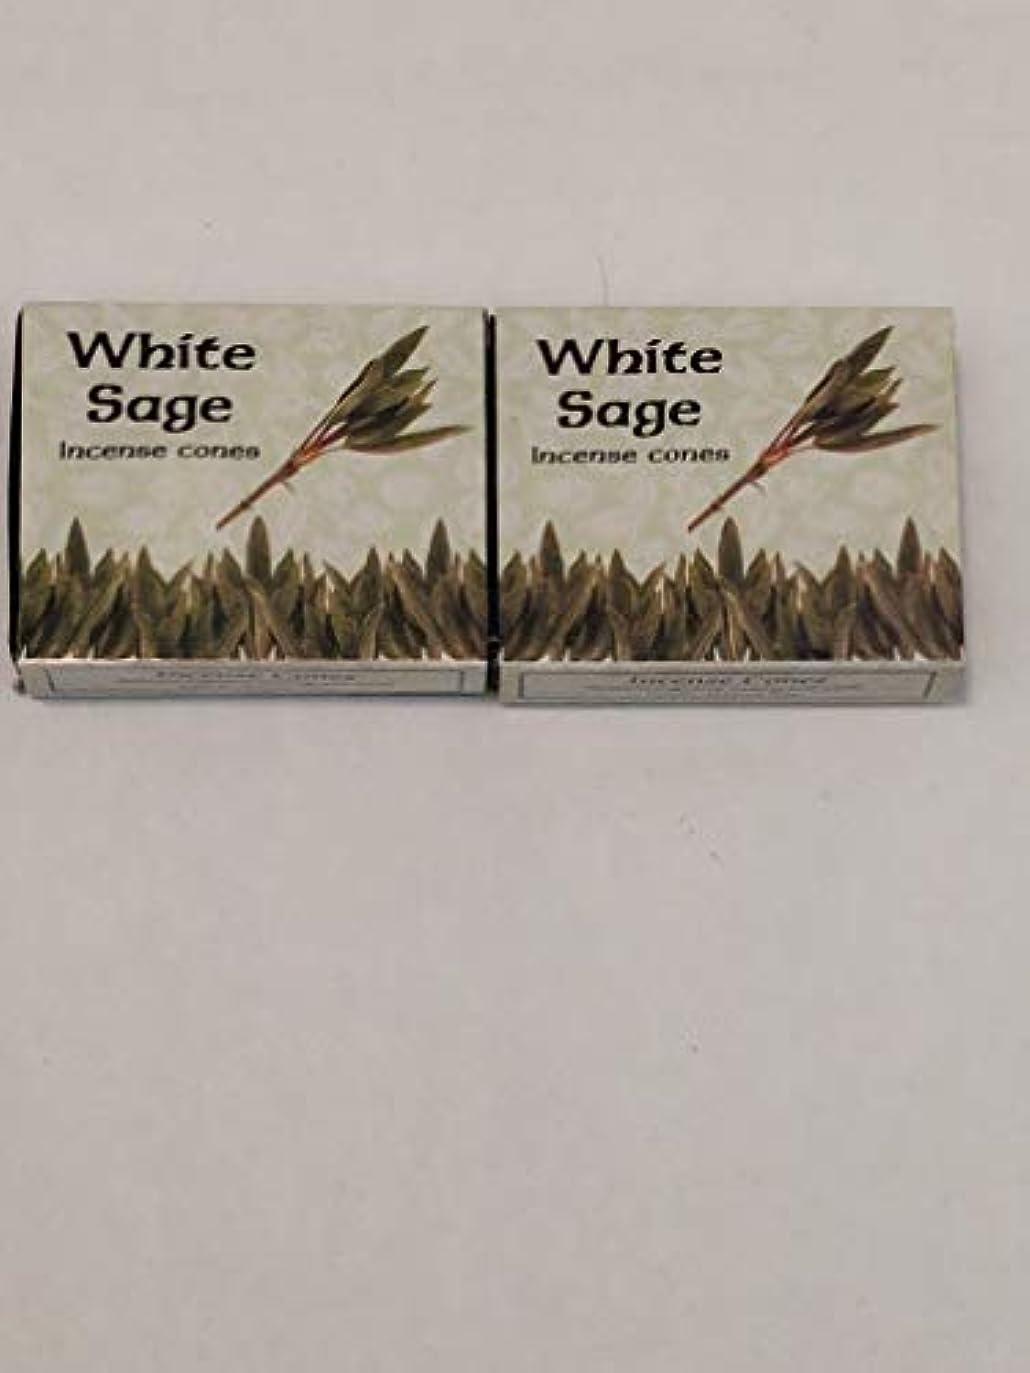 レインコート持参夢中Kamini ホワイトセージ線香 マルチパック 2 Packs (20 Cones) ブラウン